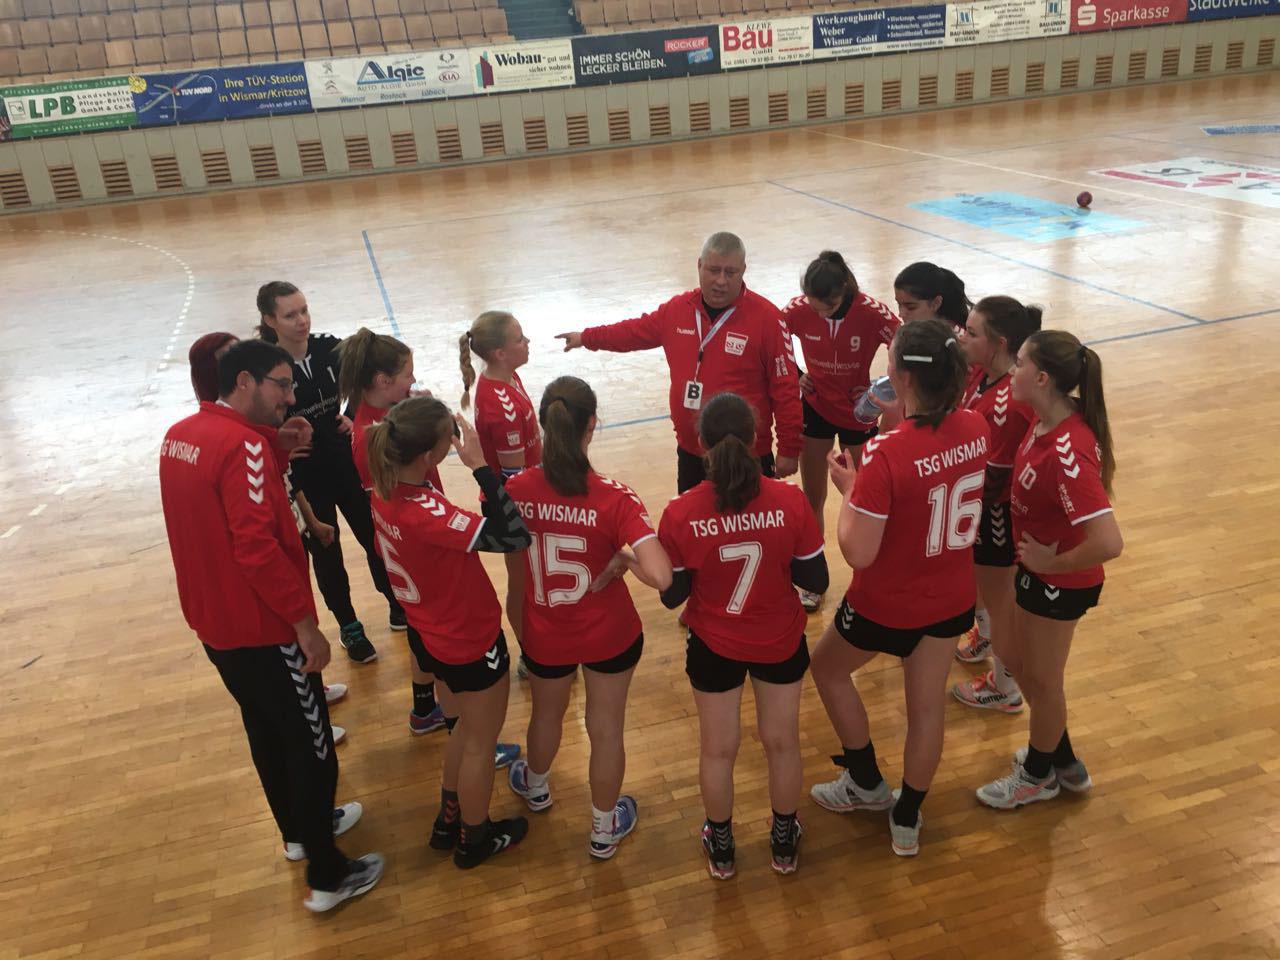 Tsg Wismar Handball